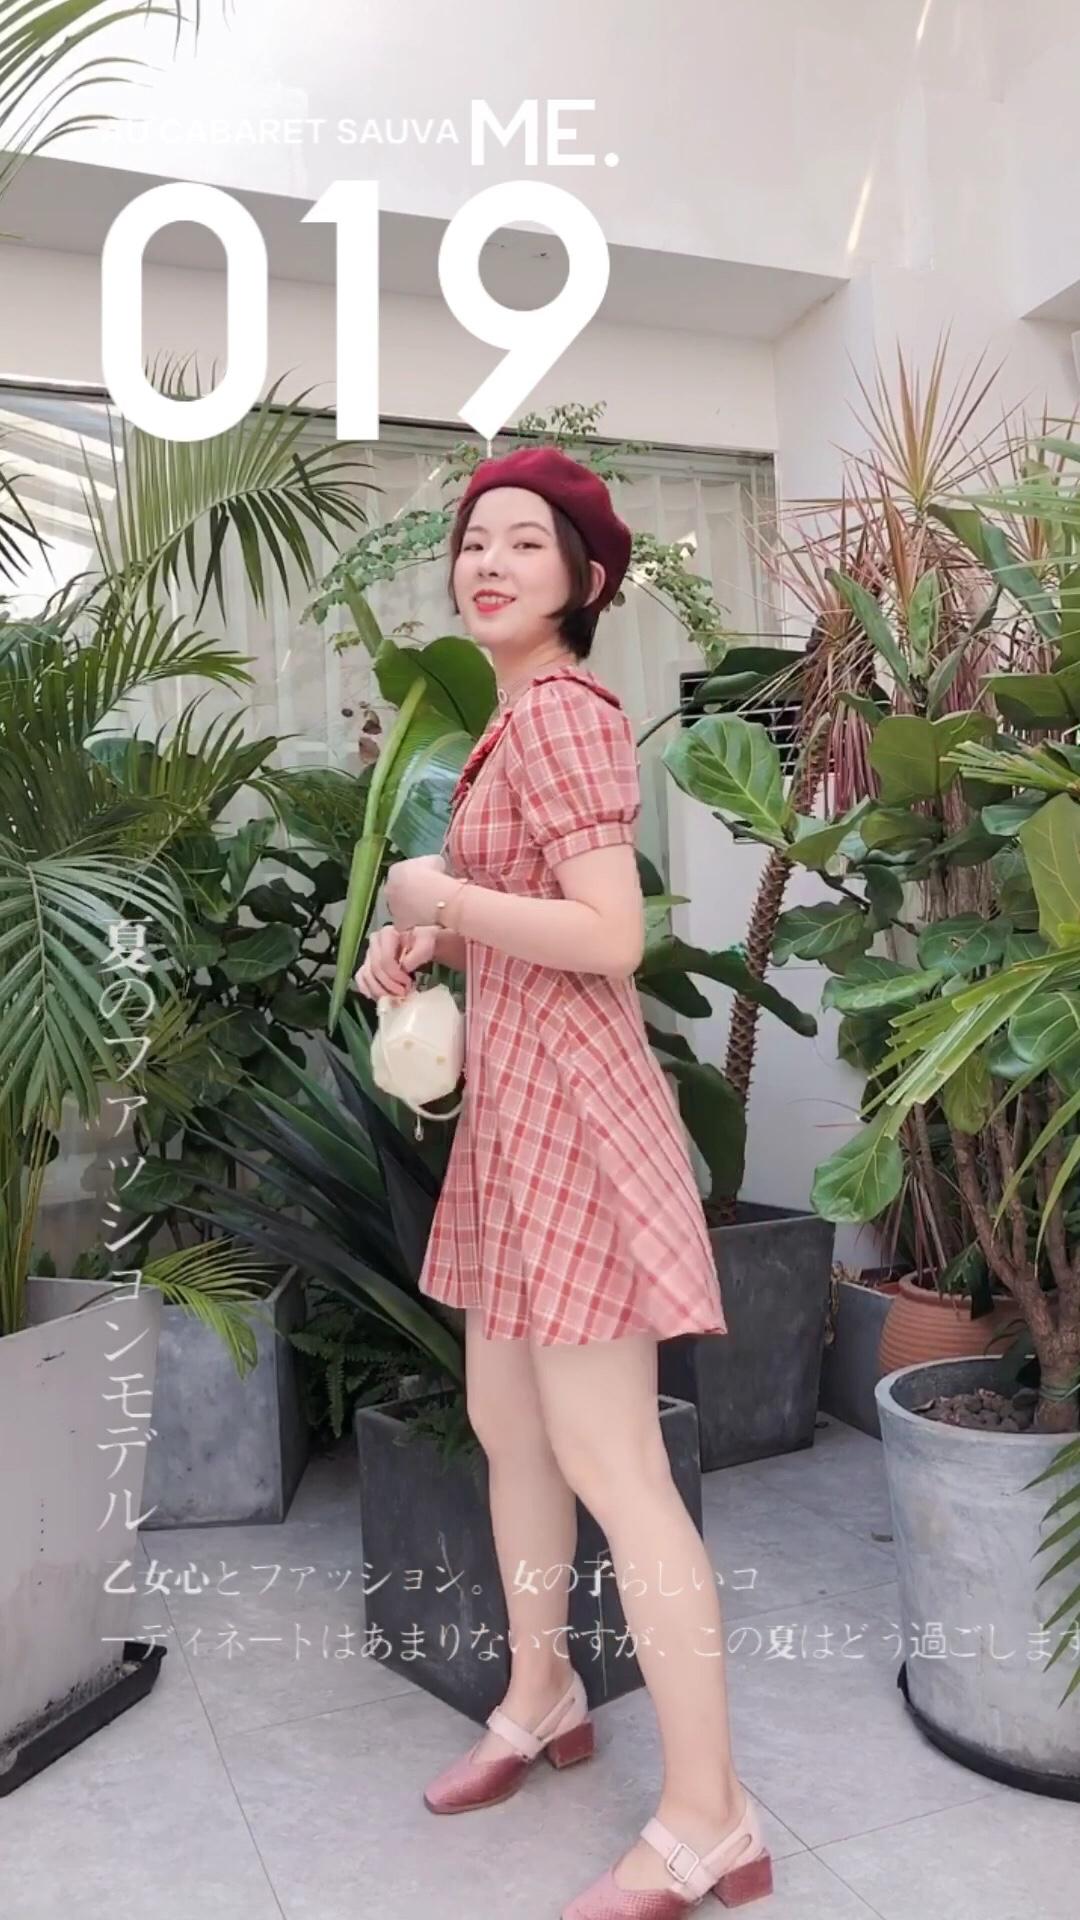 #微胖梨形妹,帮你一遮到位!#  梨形女孩一定要选伞裙哦~ 如果腰细的话,要选收腰款 把你的优点露出来 伞裙可以很好的遮住PP和大腿的肉肉哦!